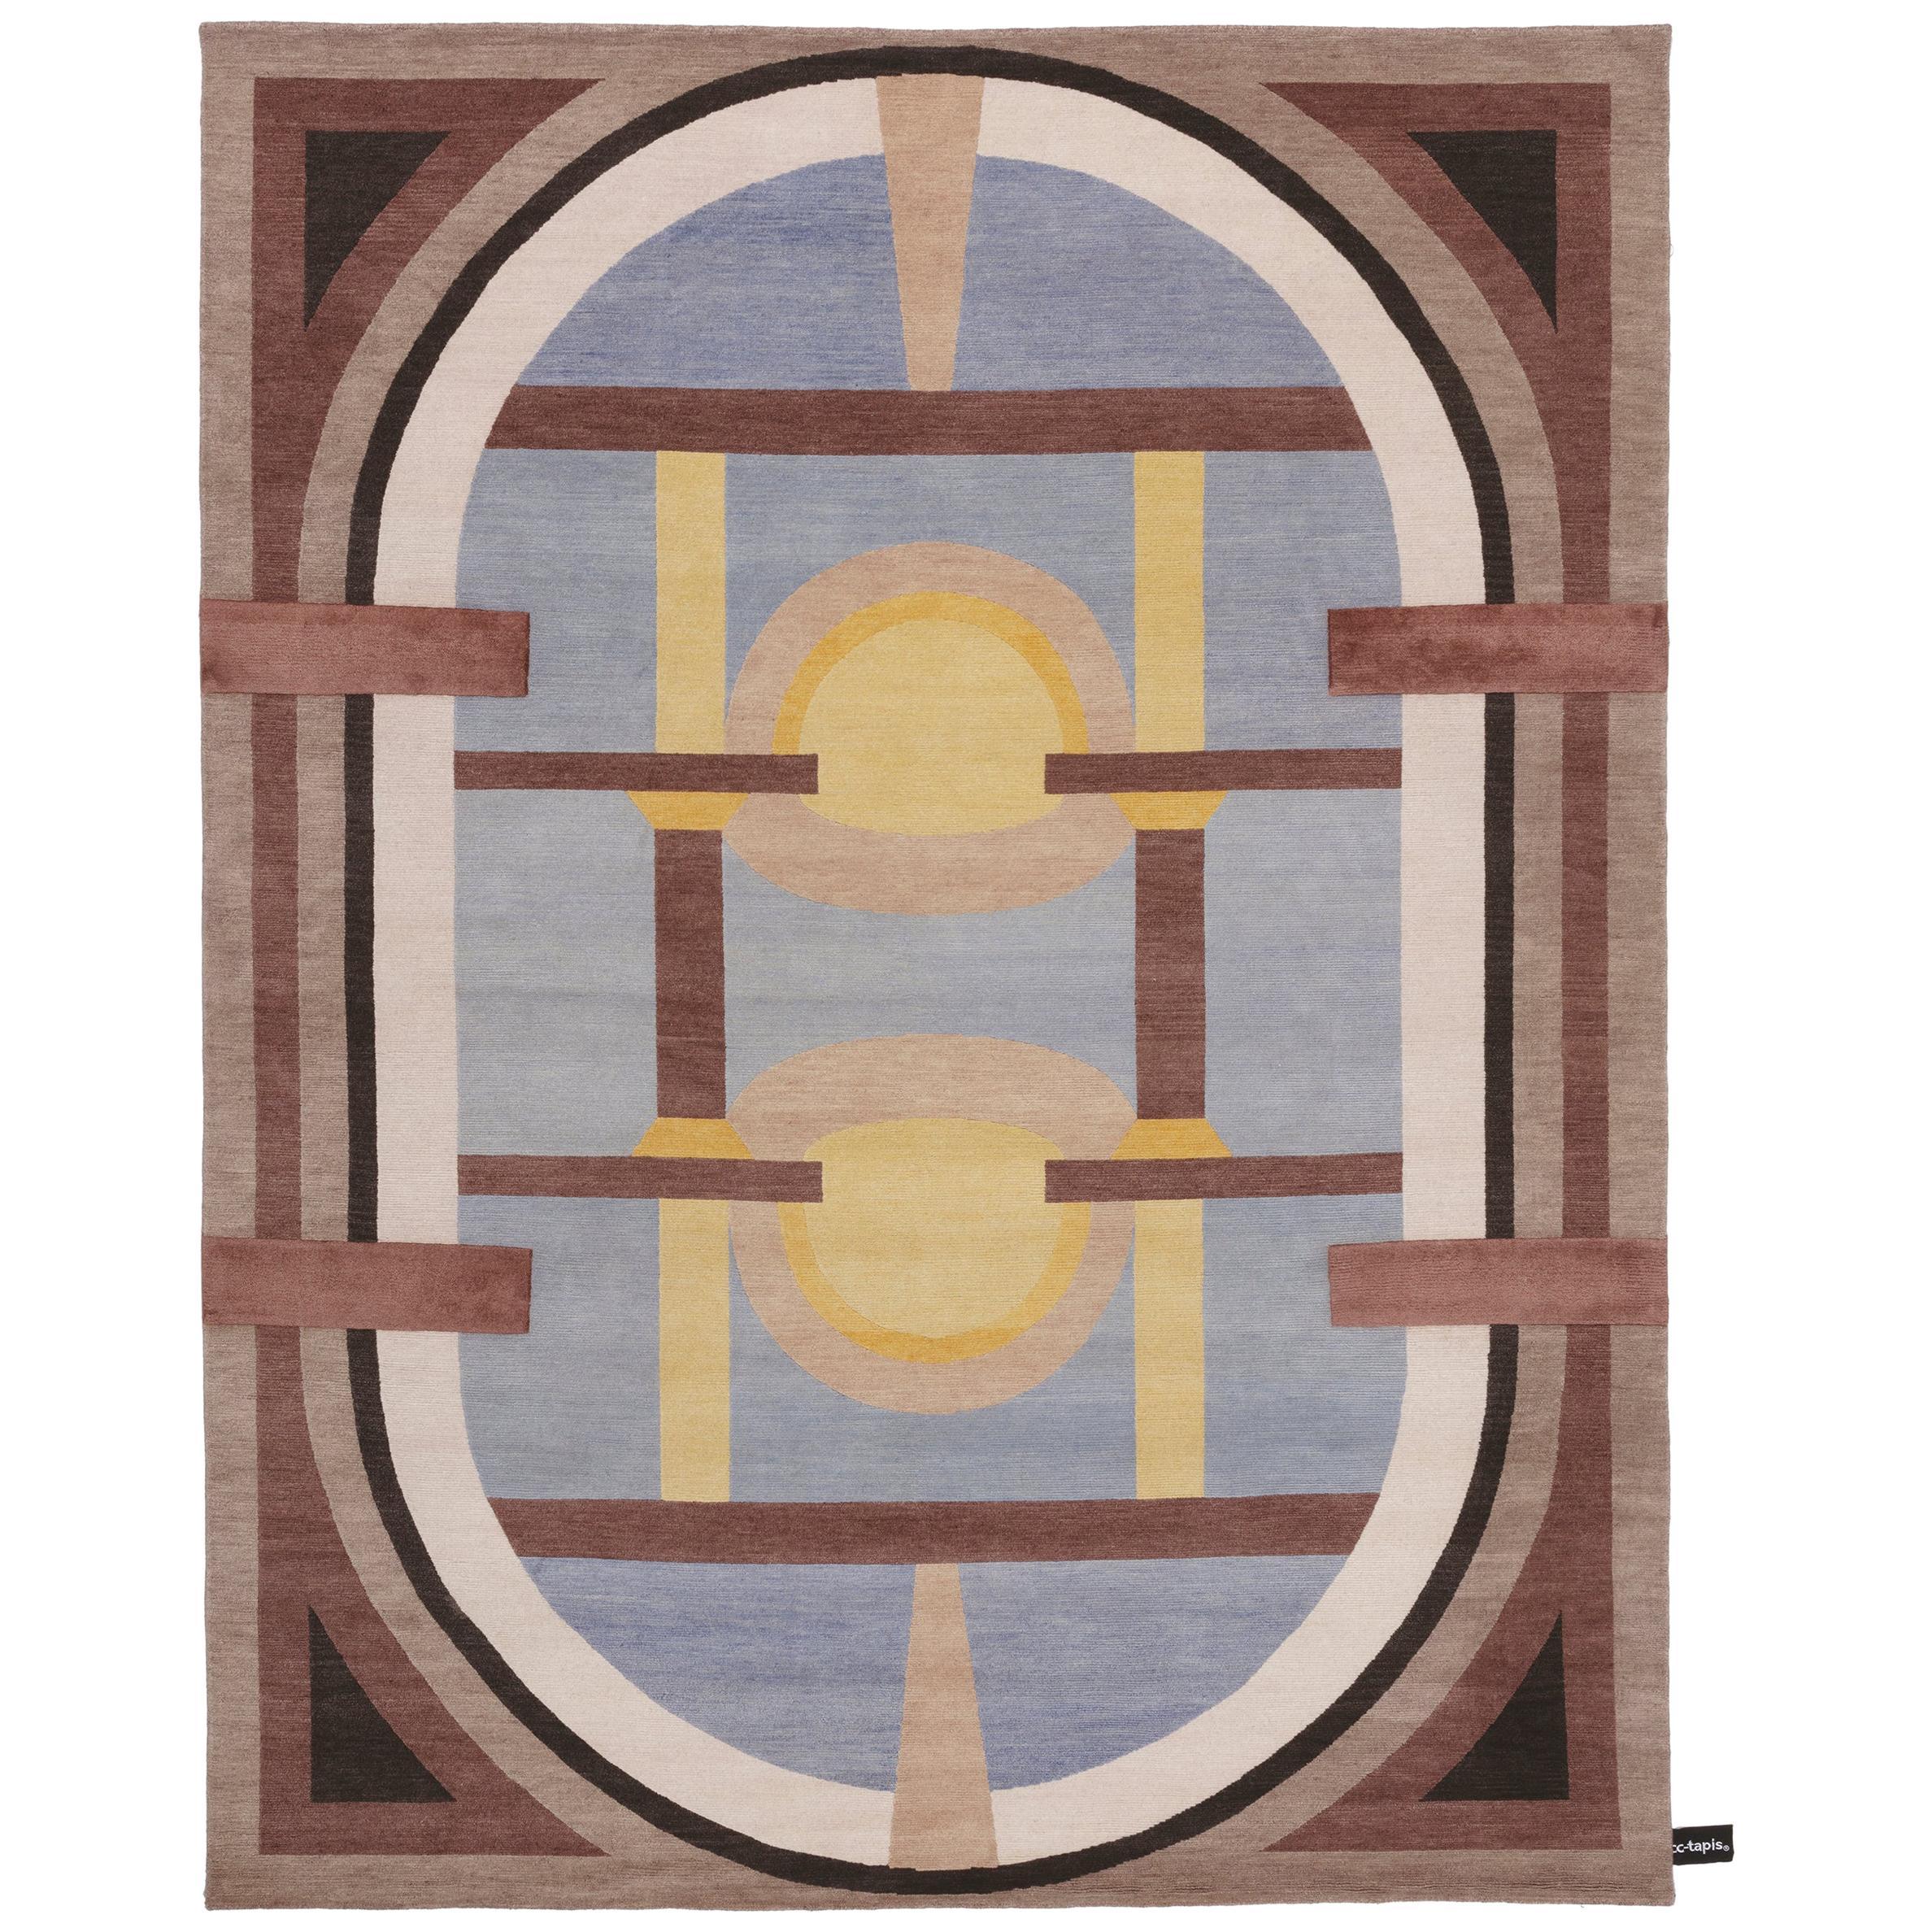 CC-Tapis Cinquecento Roverella Rug by Studio Klass